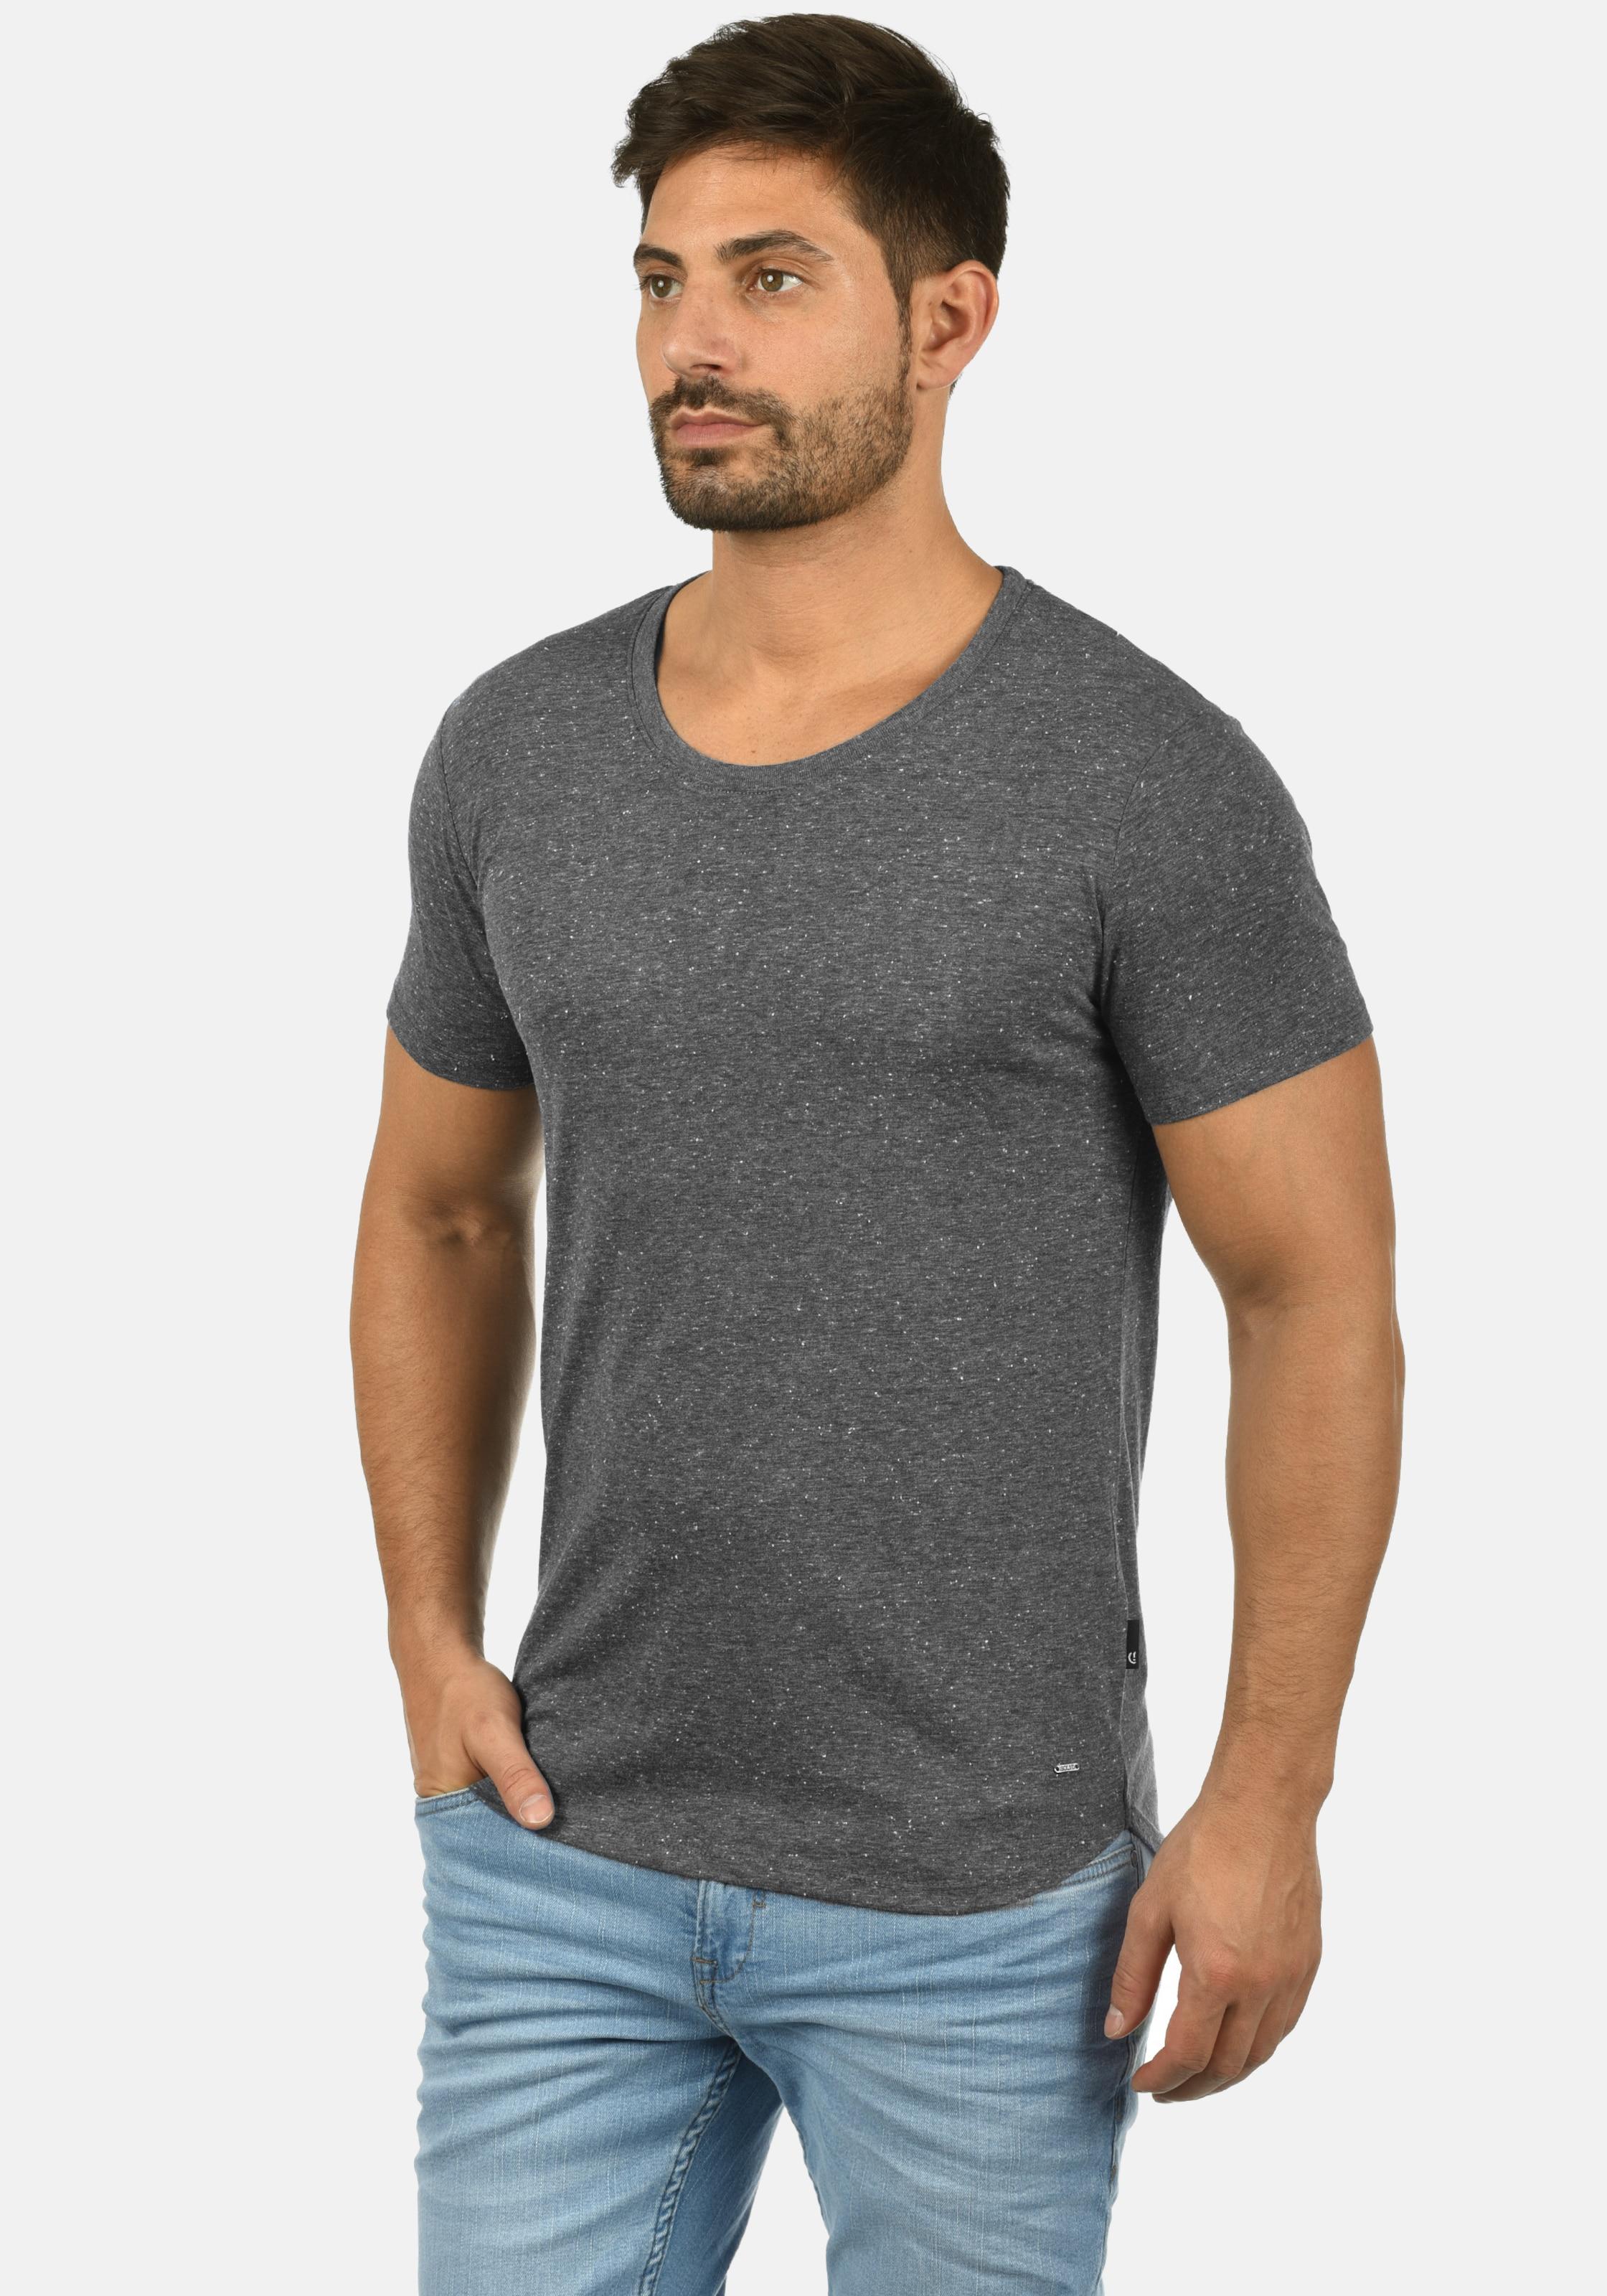 !Solid Rundhalsshirt 'Thias' in schwarz Runder Saum ART113960-028